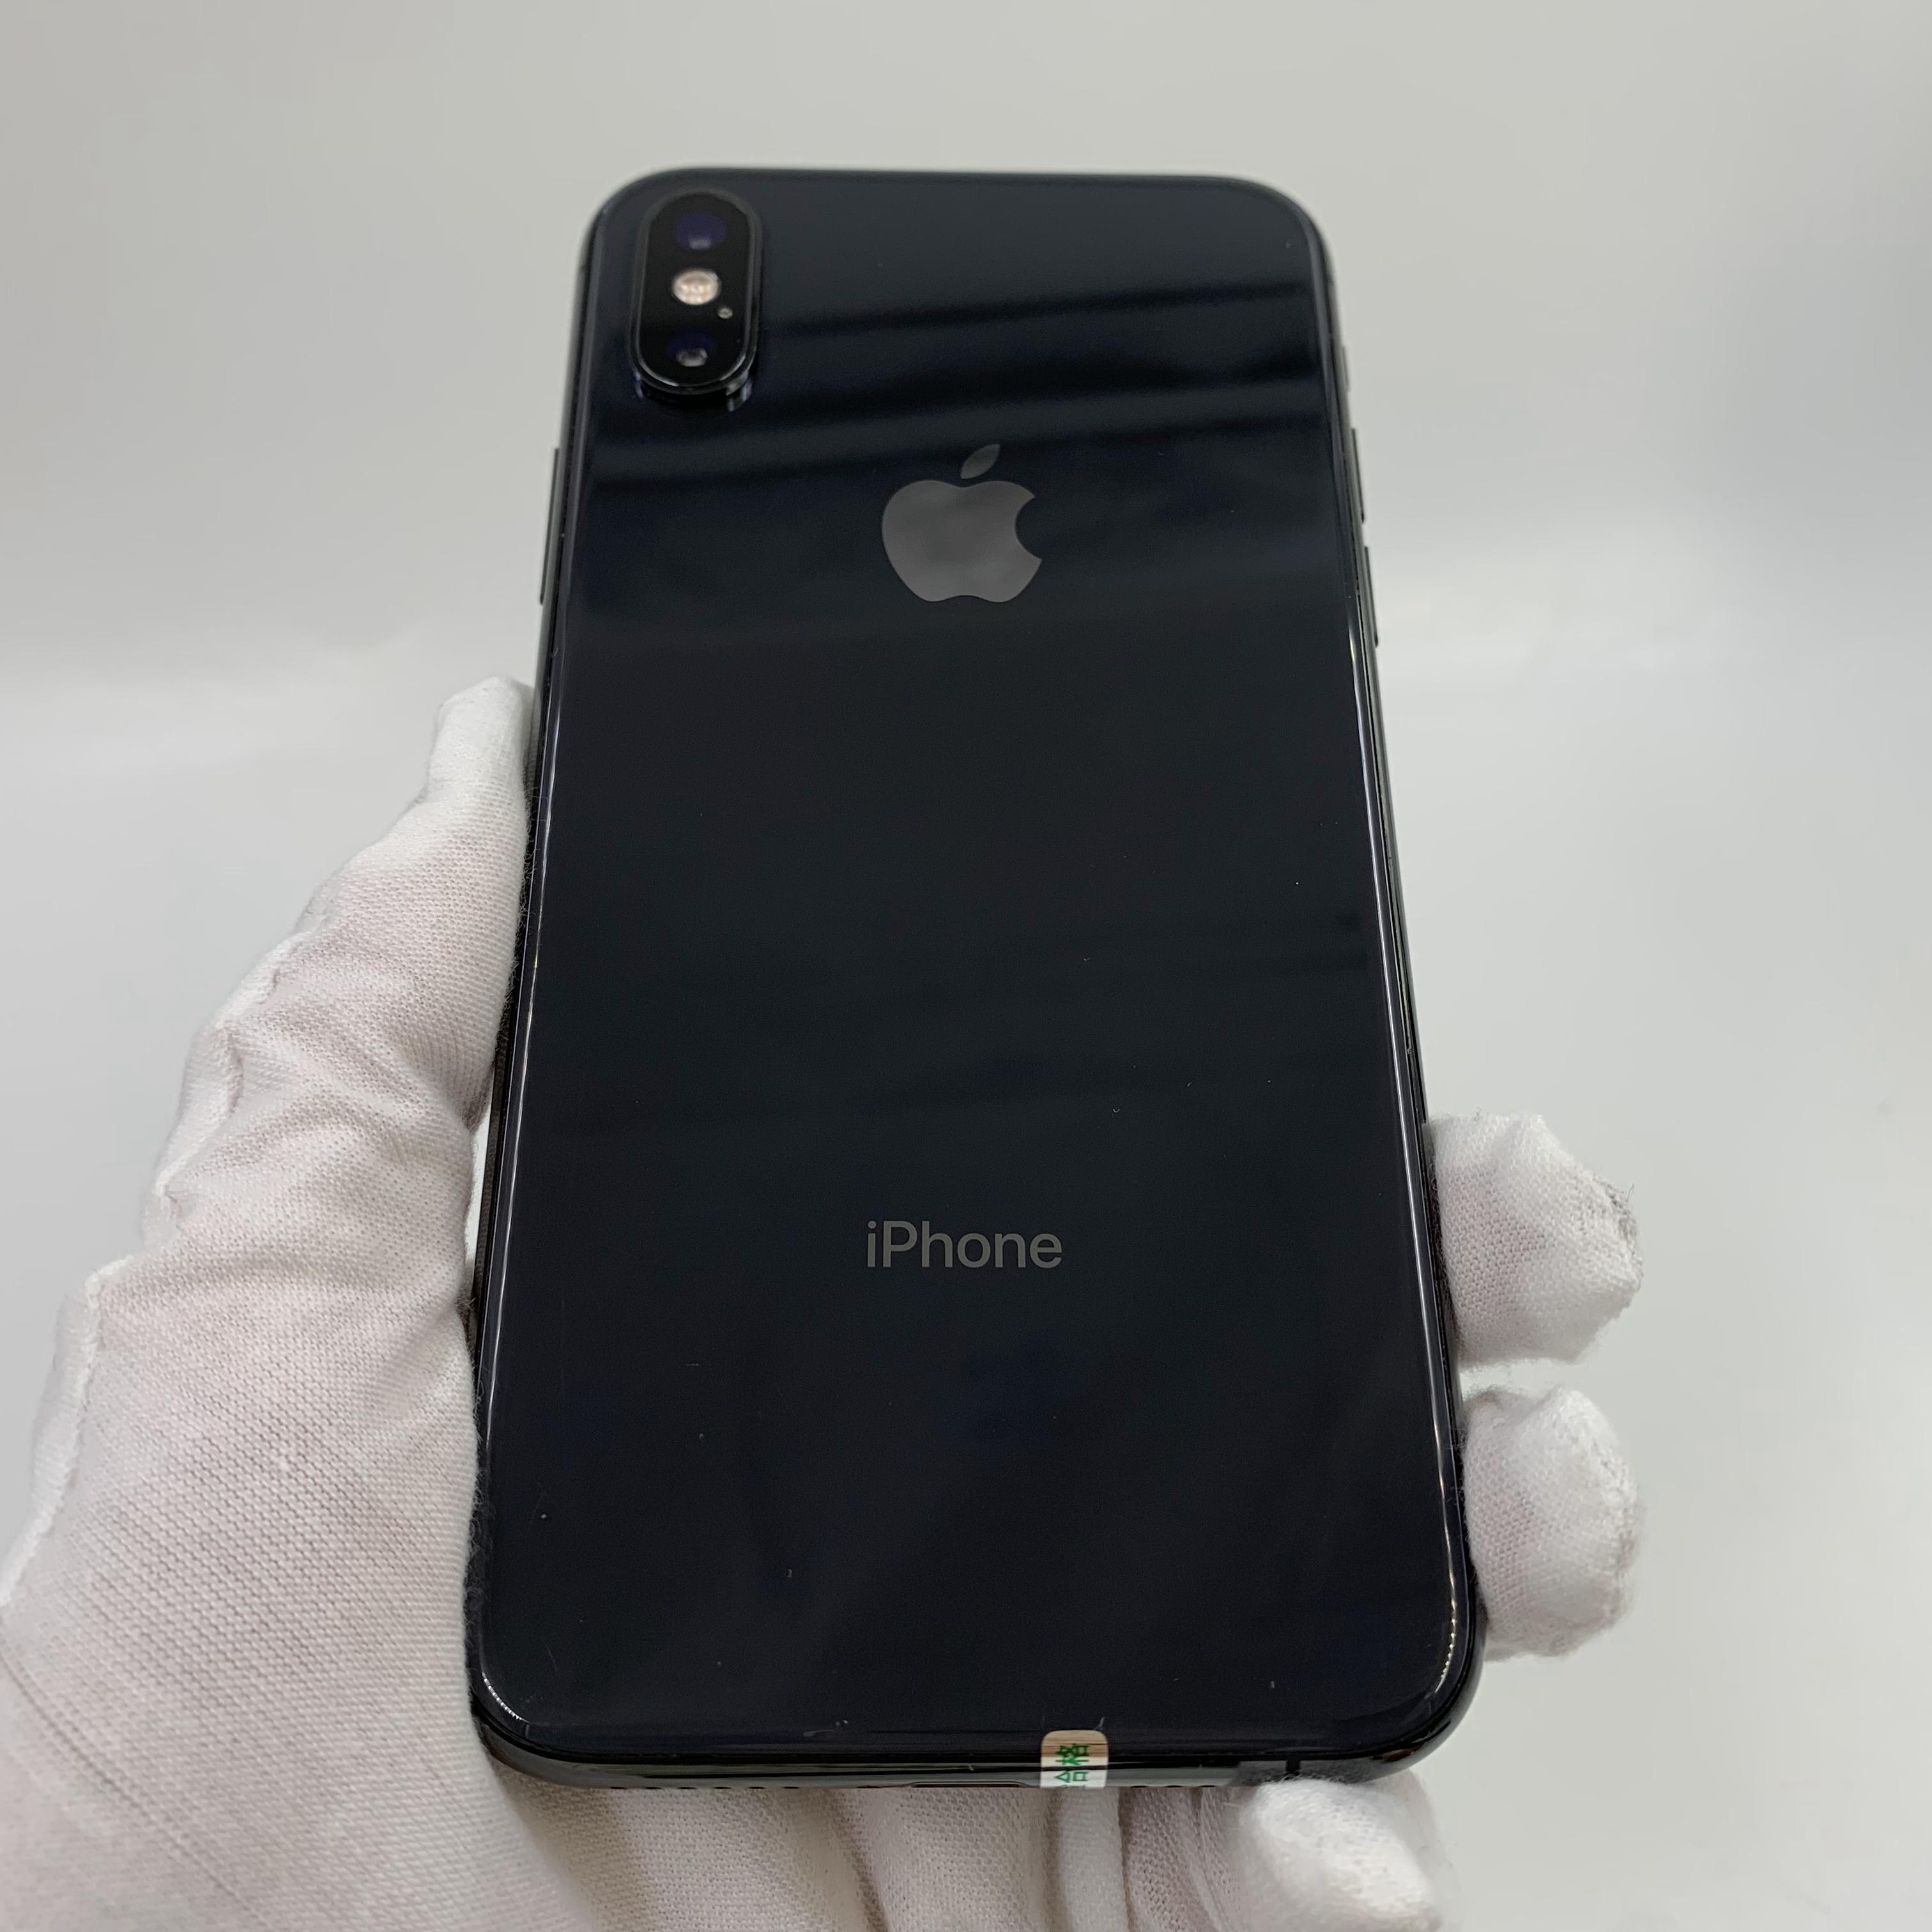 苹果【iPhone Xs】4G全网通 深空灰 64G 国行 8成新 真机实拍